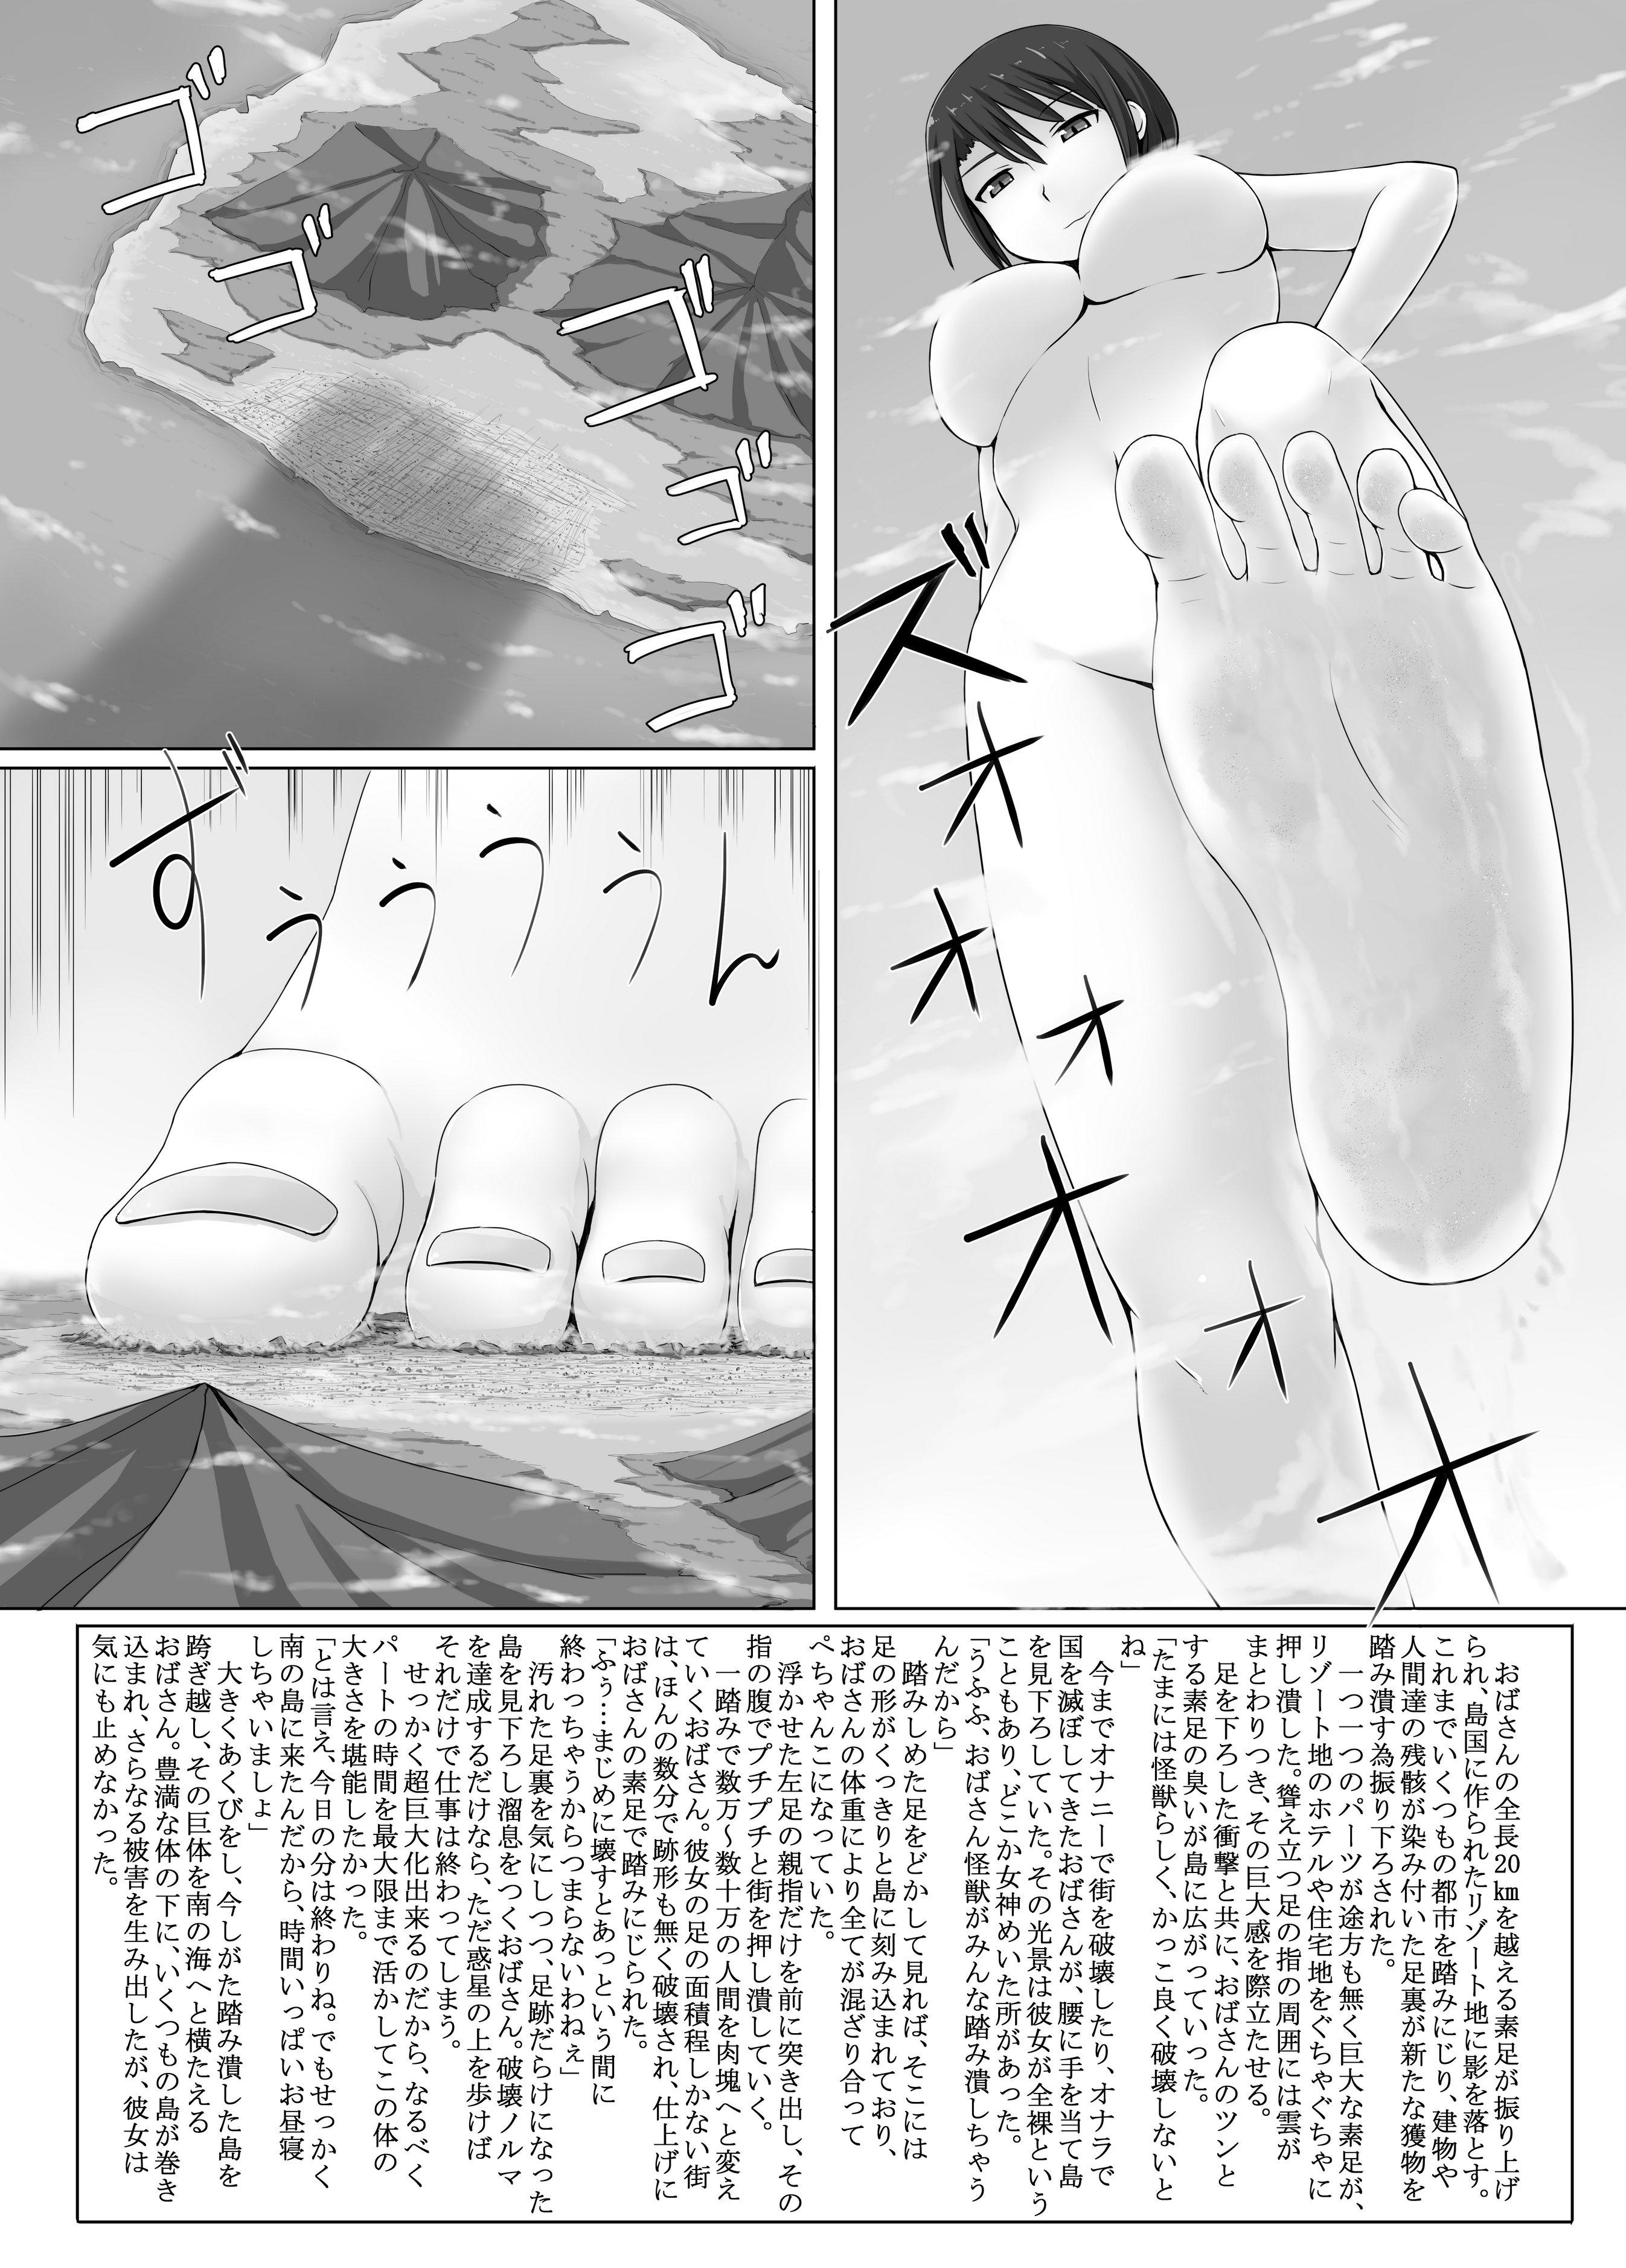 【エロ漫画】アラサー主婦襲来!パートで超ミニチュアサイズの街を爆乳とマンコで破壊、オナニーの道具にwww【無料 エロ同人誌】 (11)